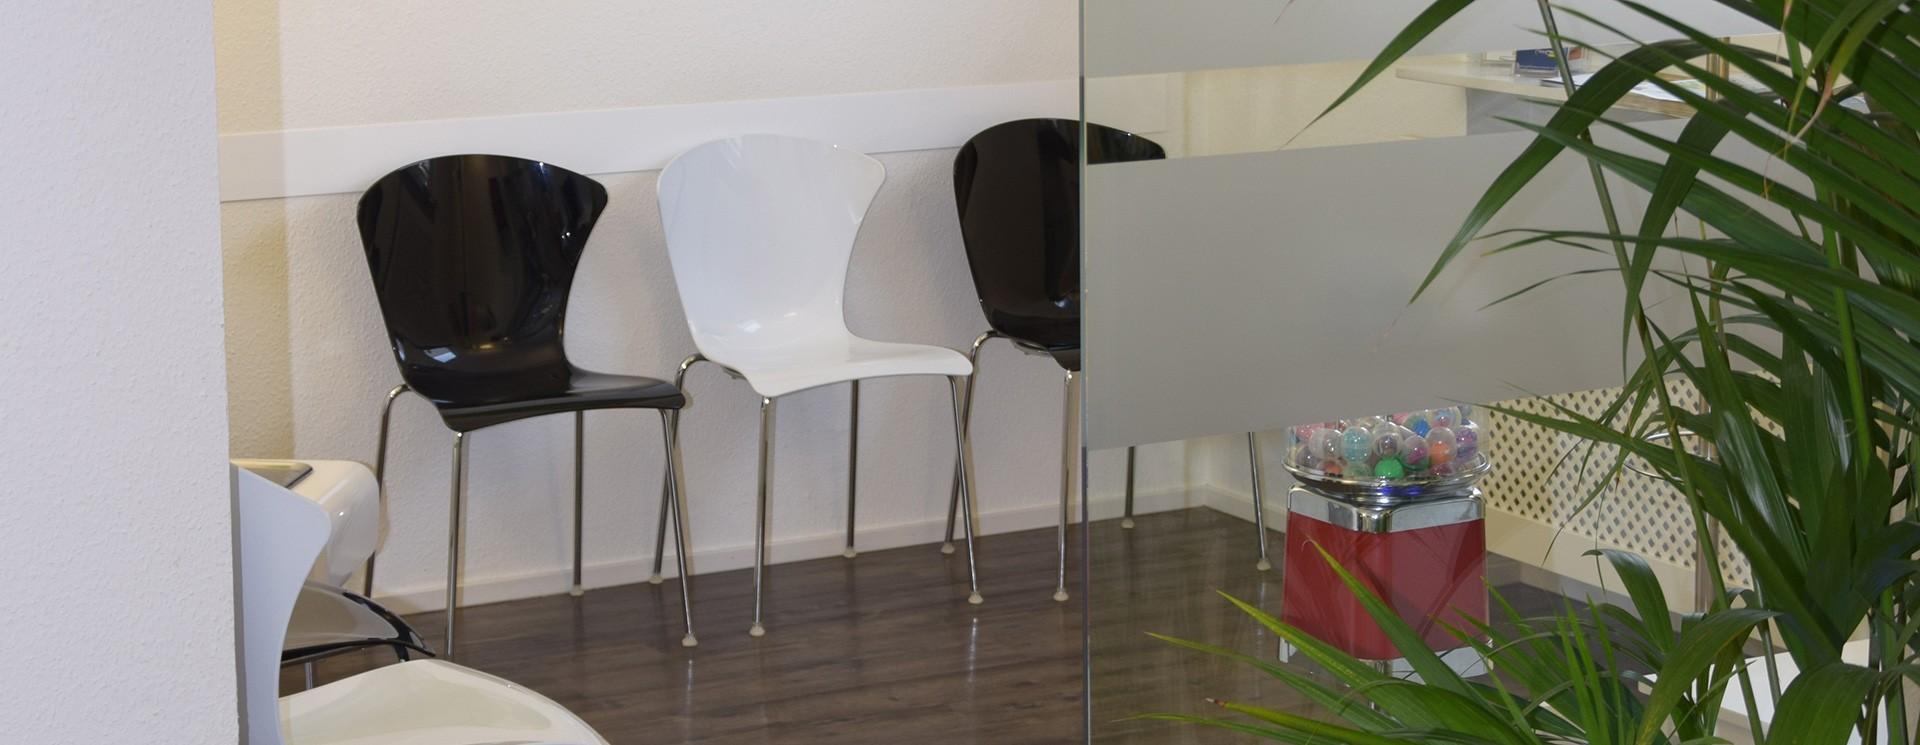 Zahnarztpraxis Dres. Meisel Nürnberg Mögeldorf | Wartezimmer